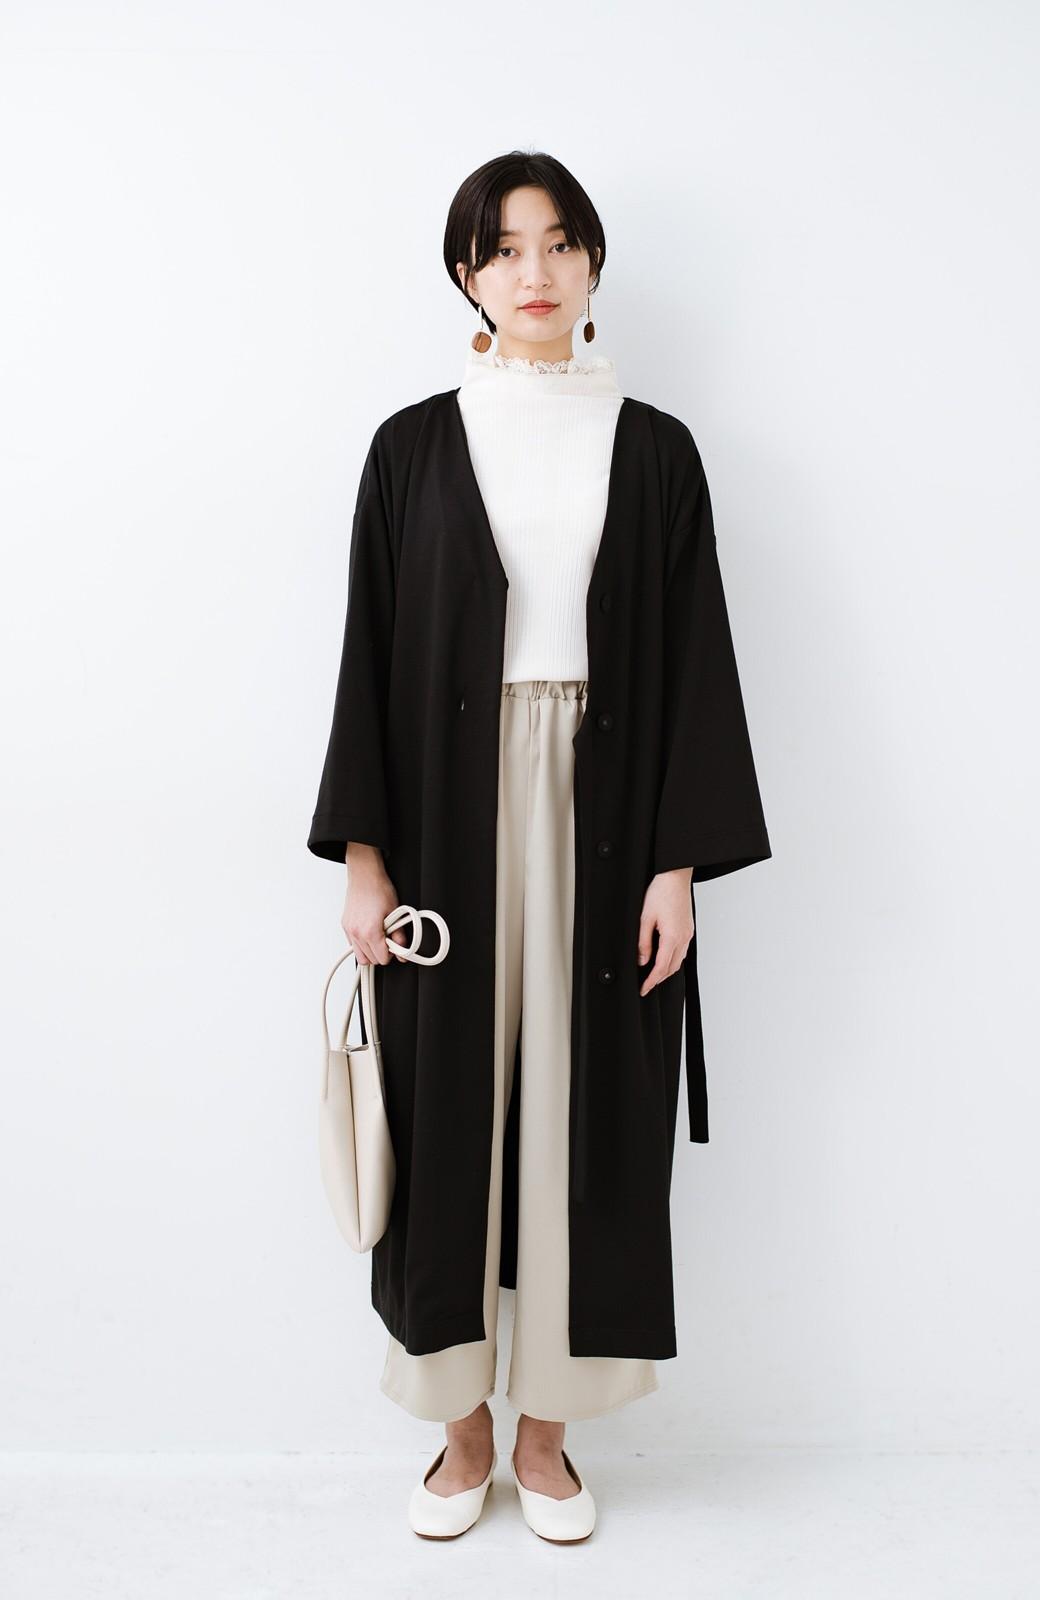 haco! サイドリボンと落ち感が女っぽい 羽織り&重ね着を楽しむカットソーワンピース <ブラック>の商品写真10